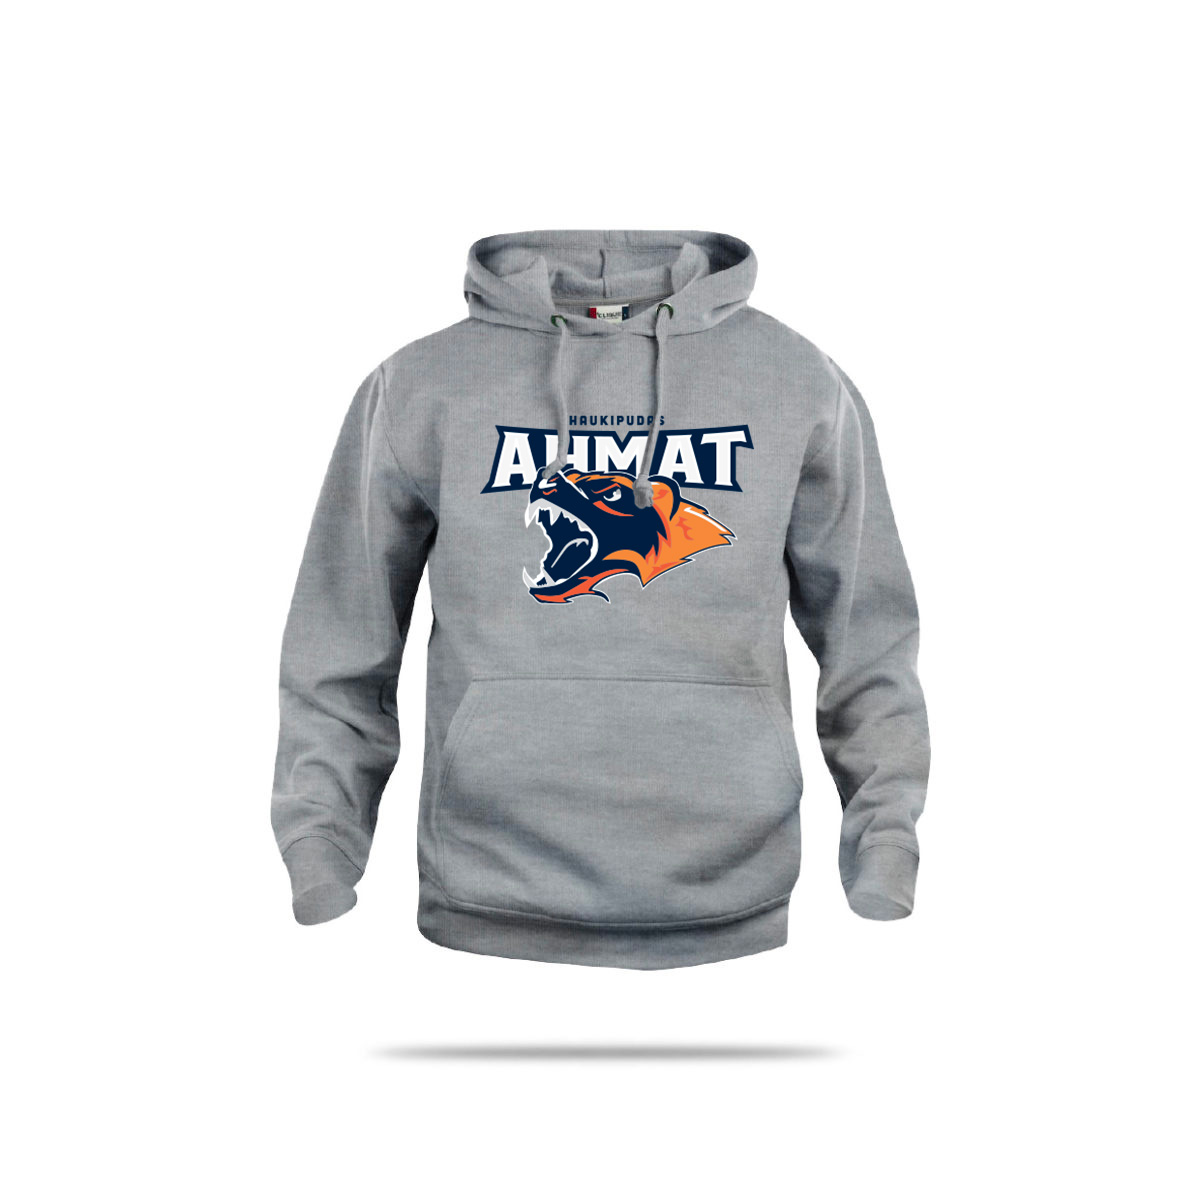 Ahmat-fani-3022-harmaa-original